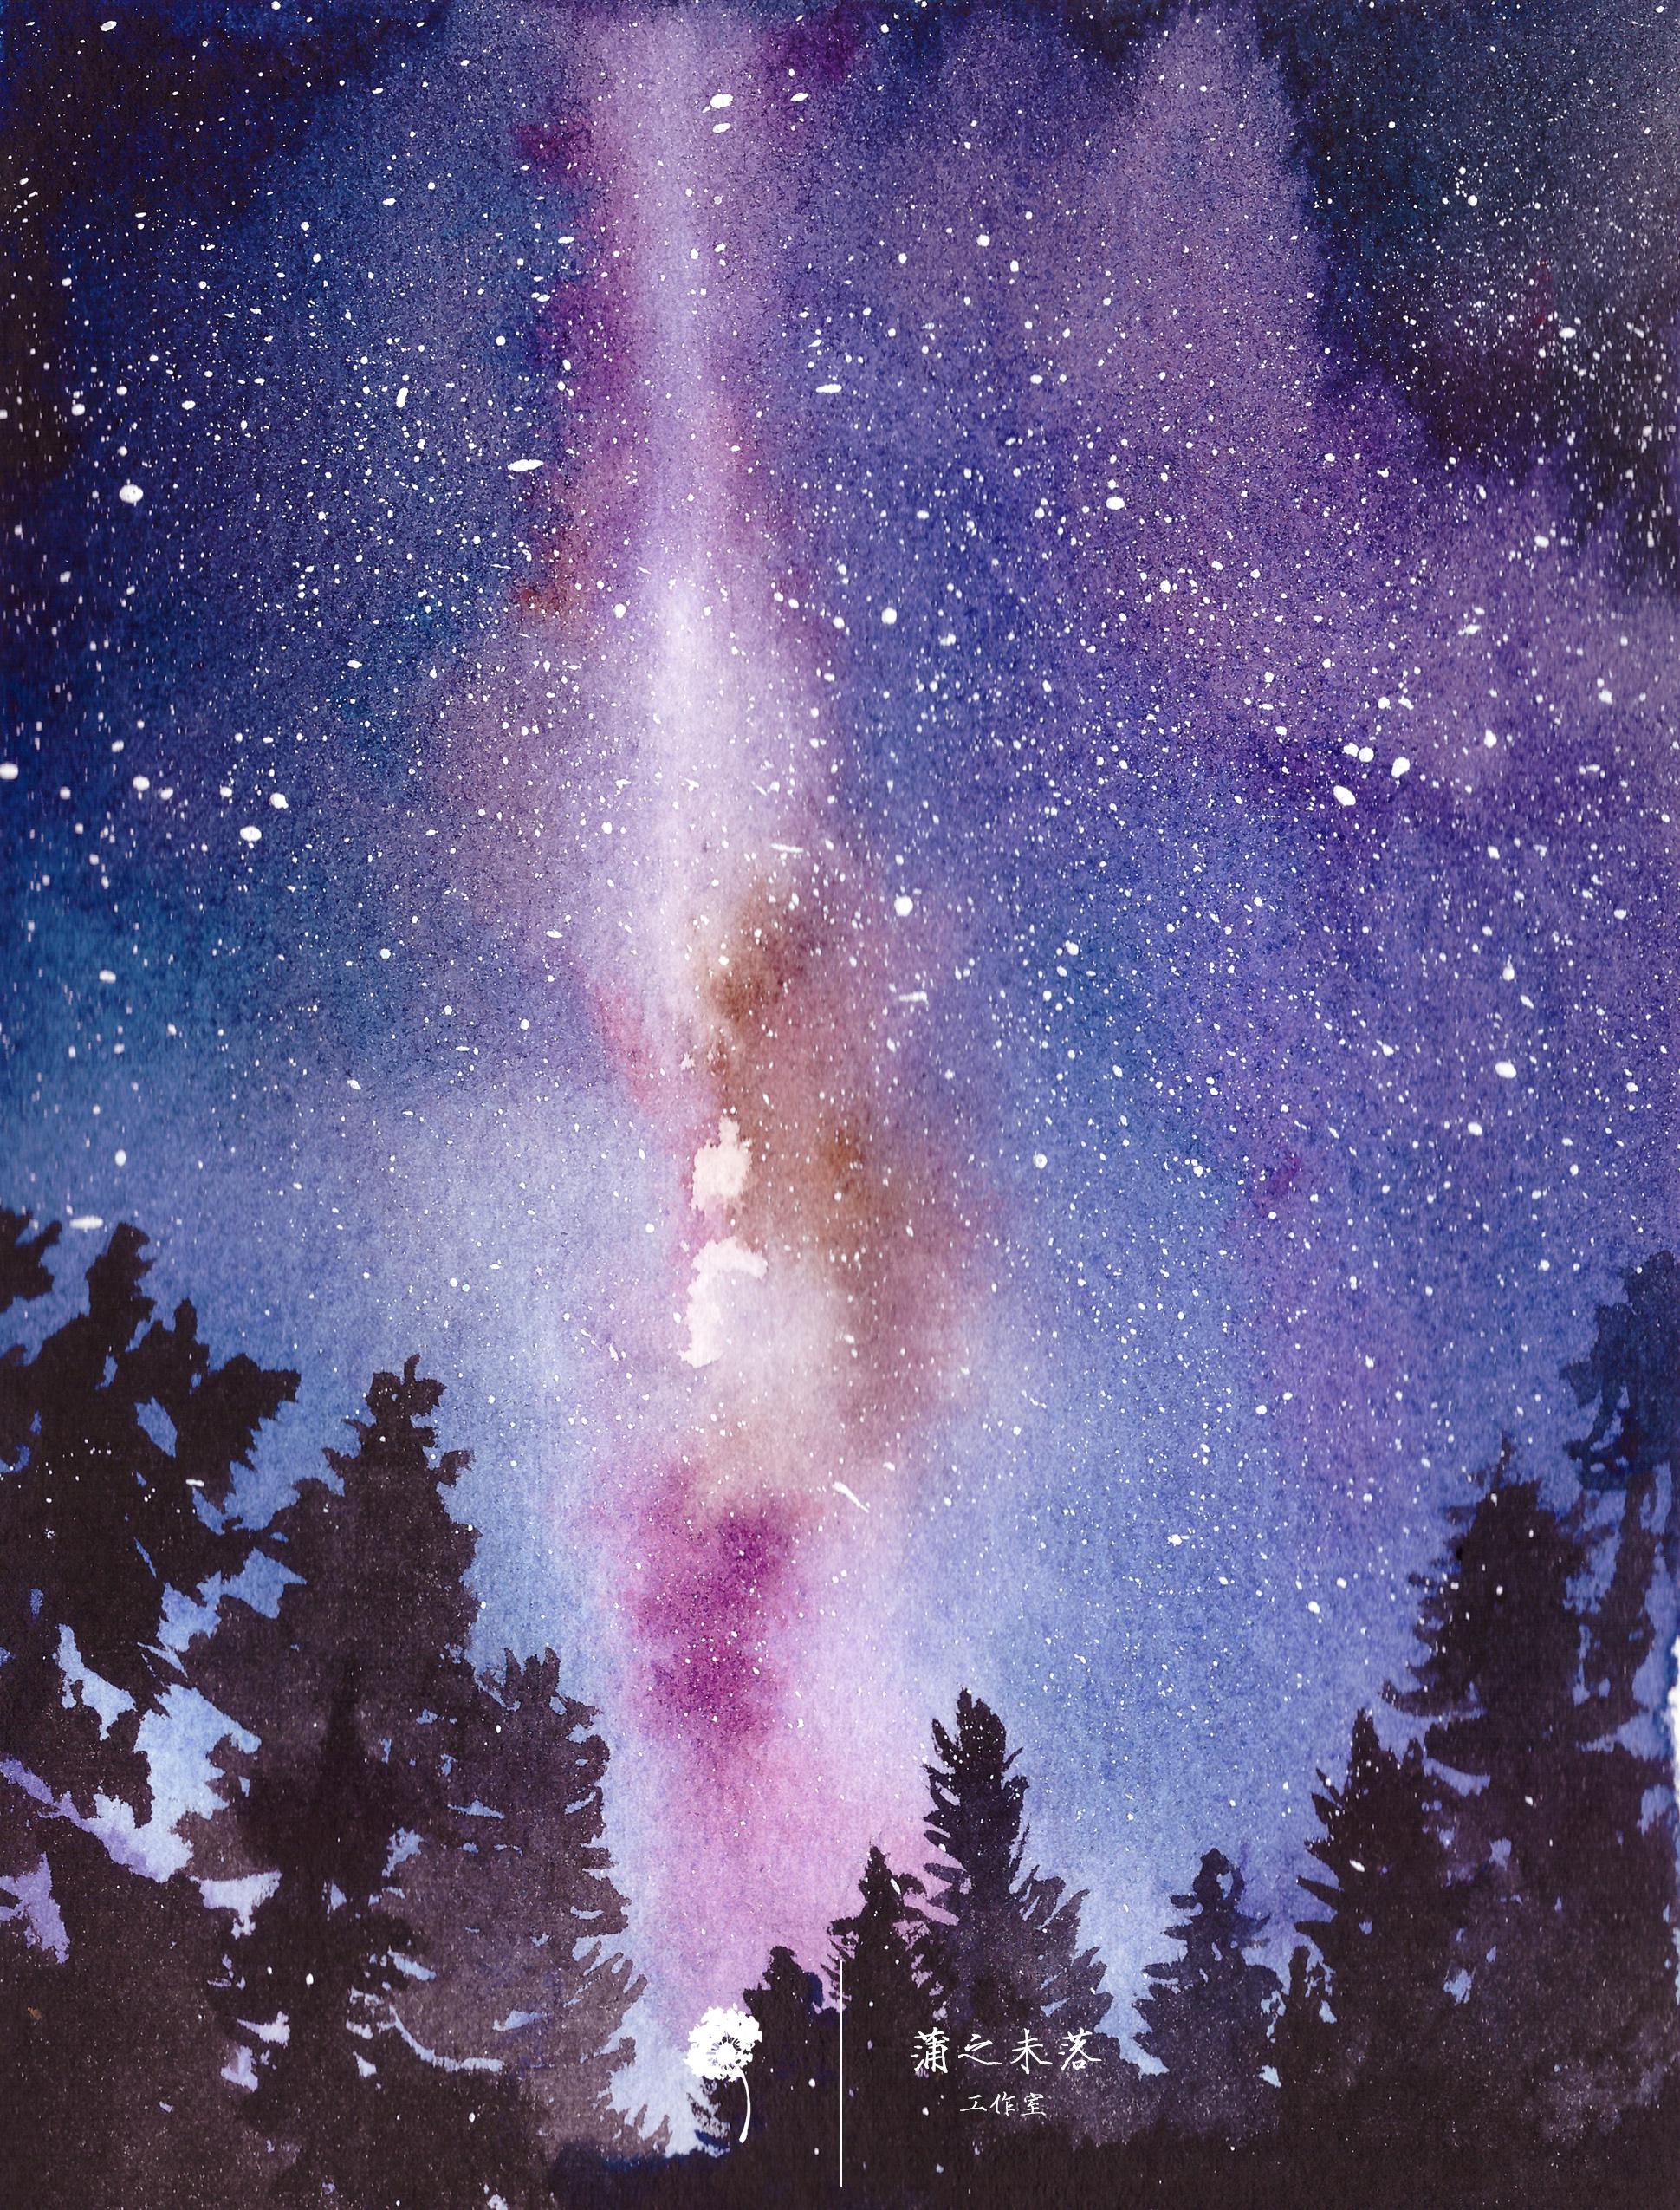 水彩手绘--星空